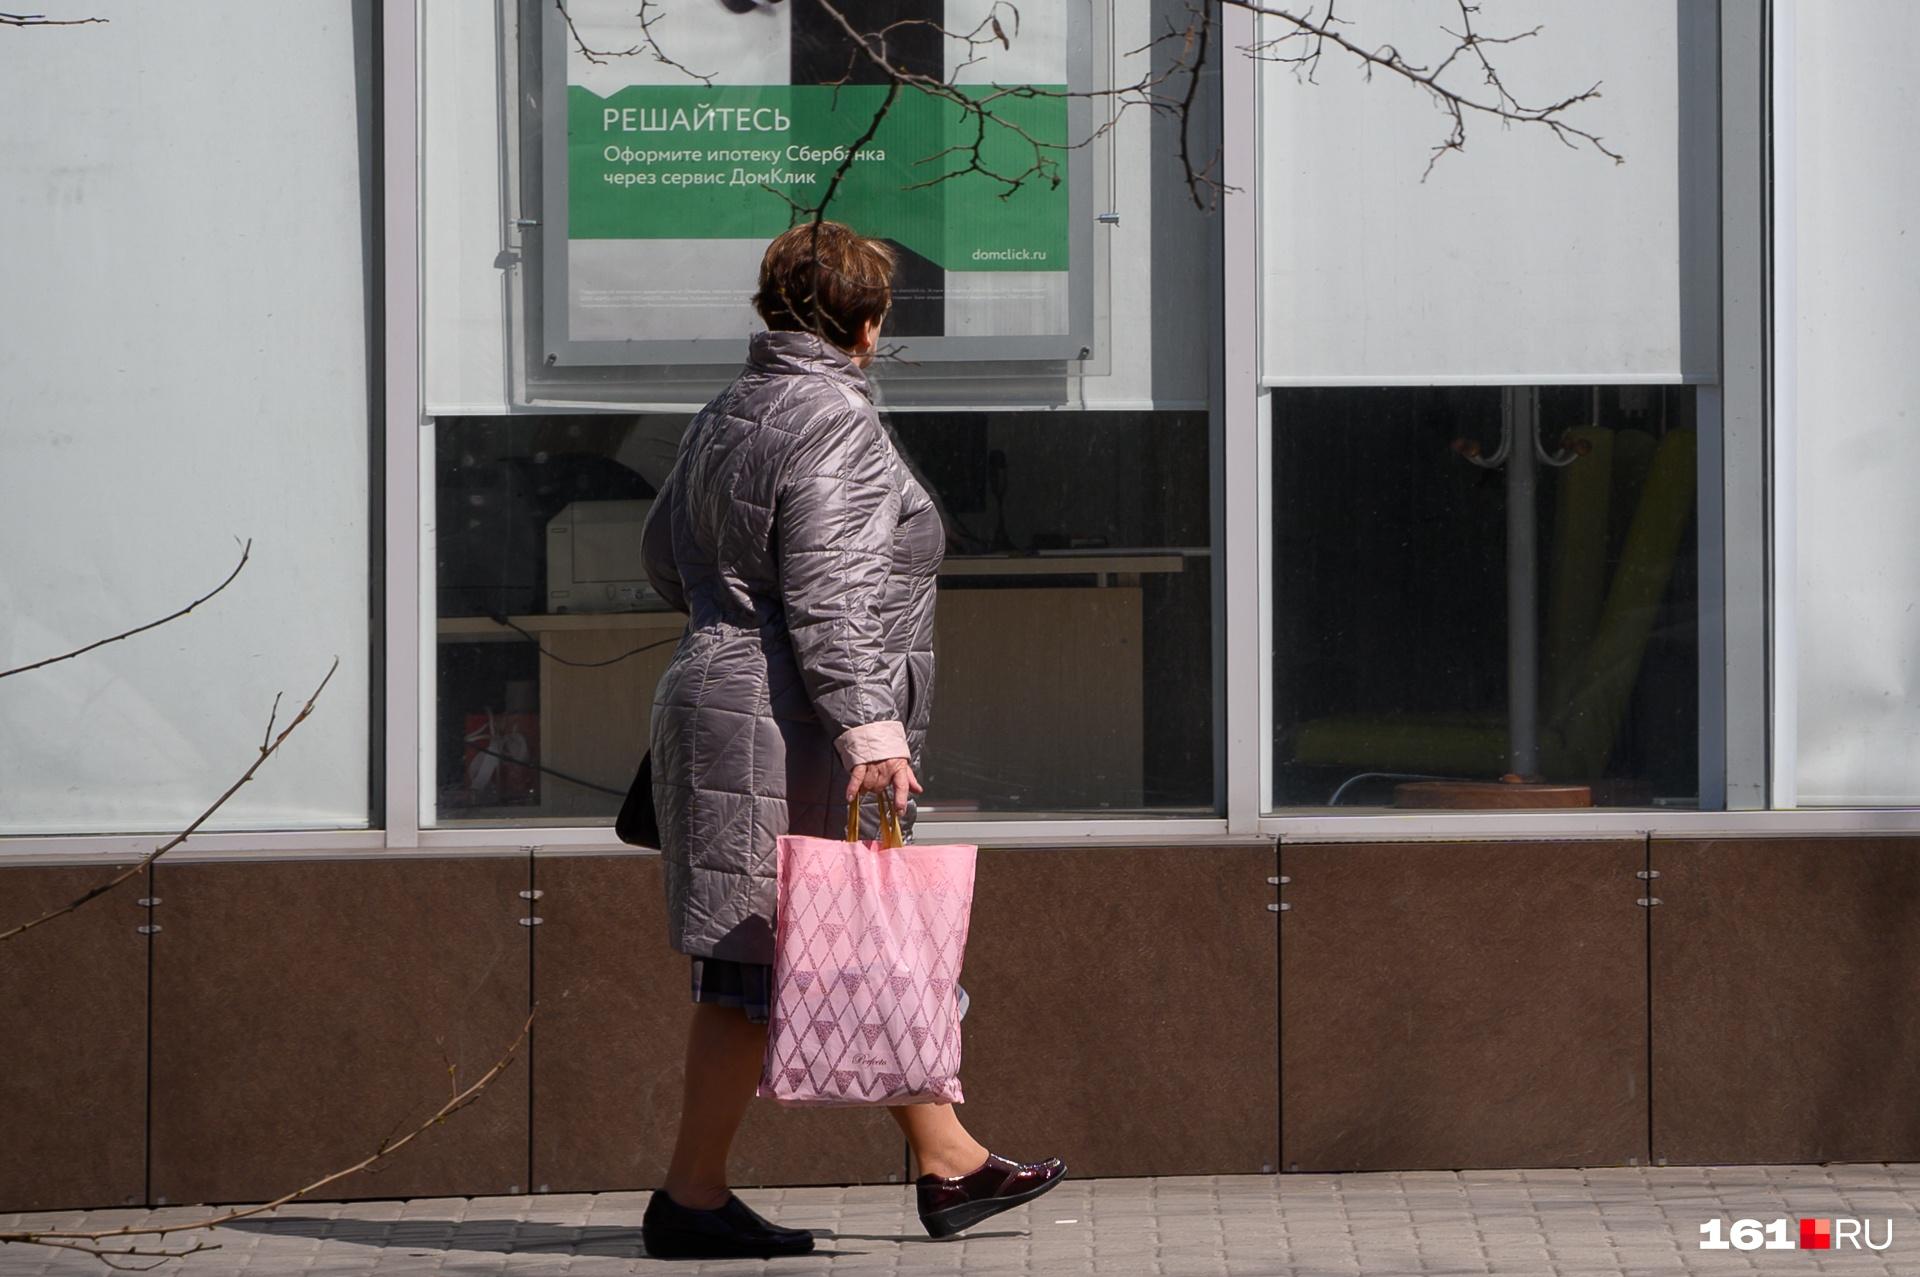 Российские банки ужесточили требования к заемщикам, и одобрение заявок рухнуло по сравнению с апрелем 2019 года